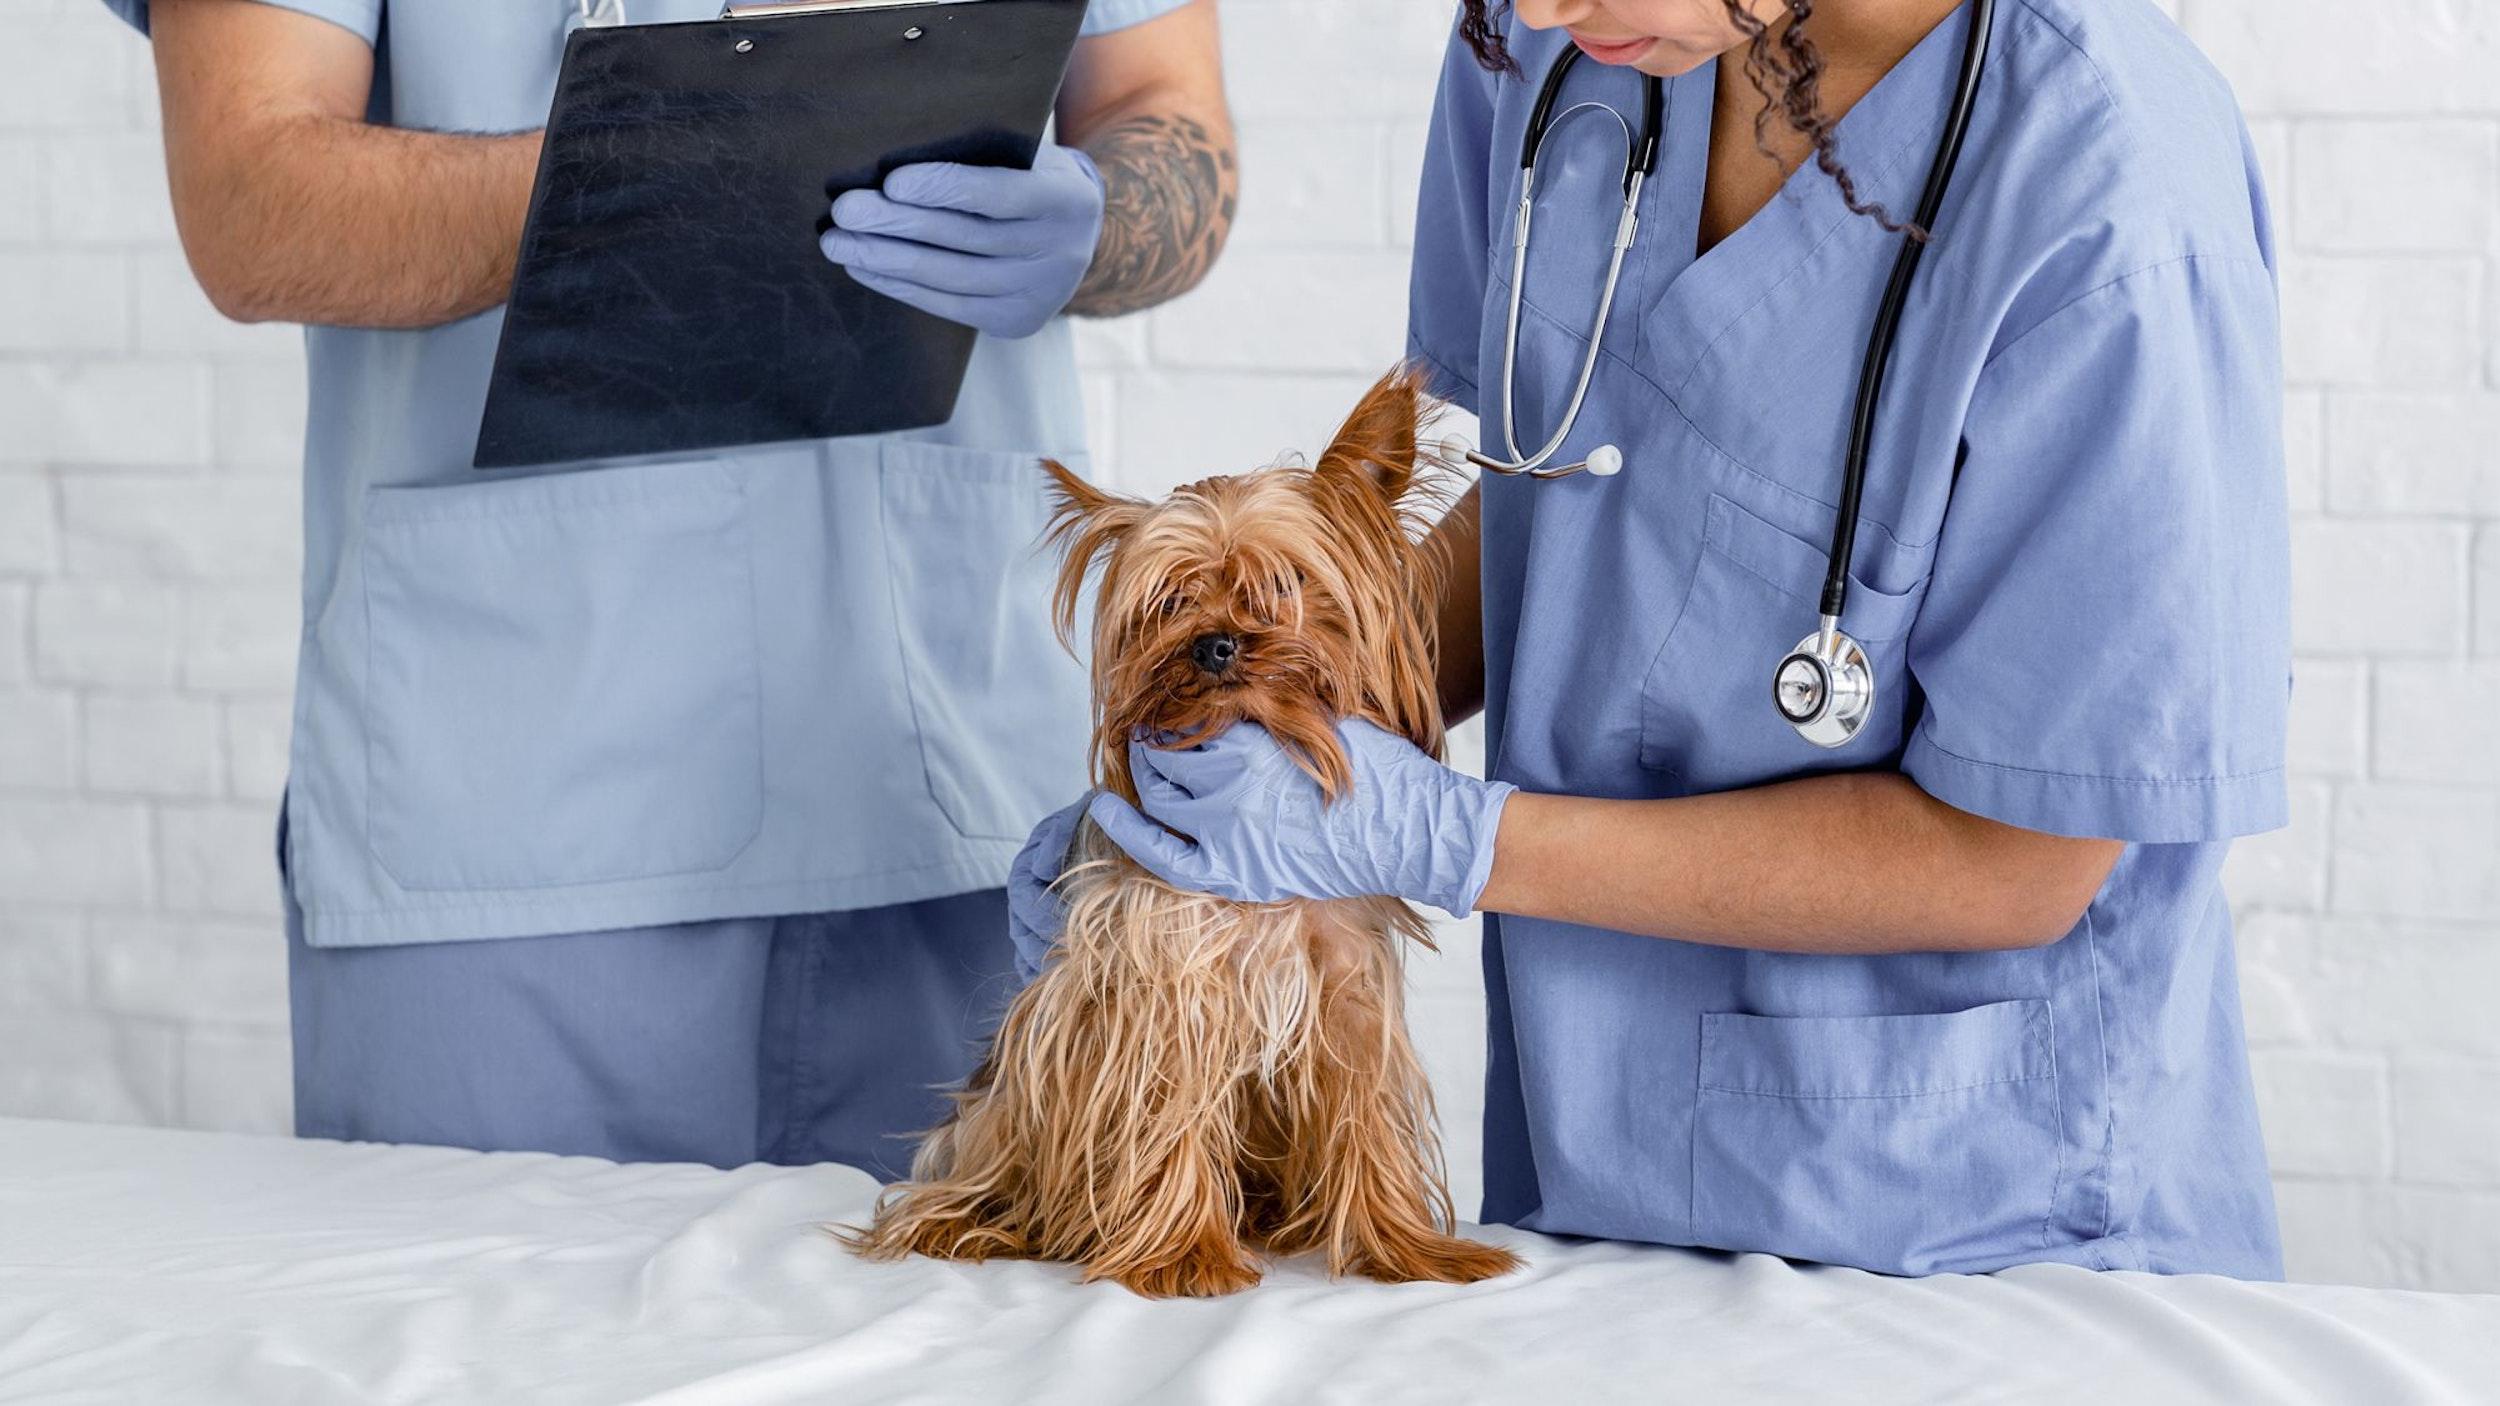 Doi medici evaluează un câine maro